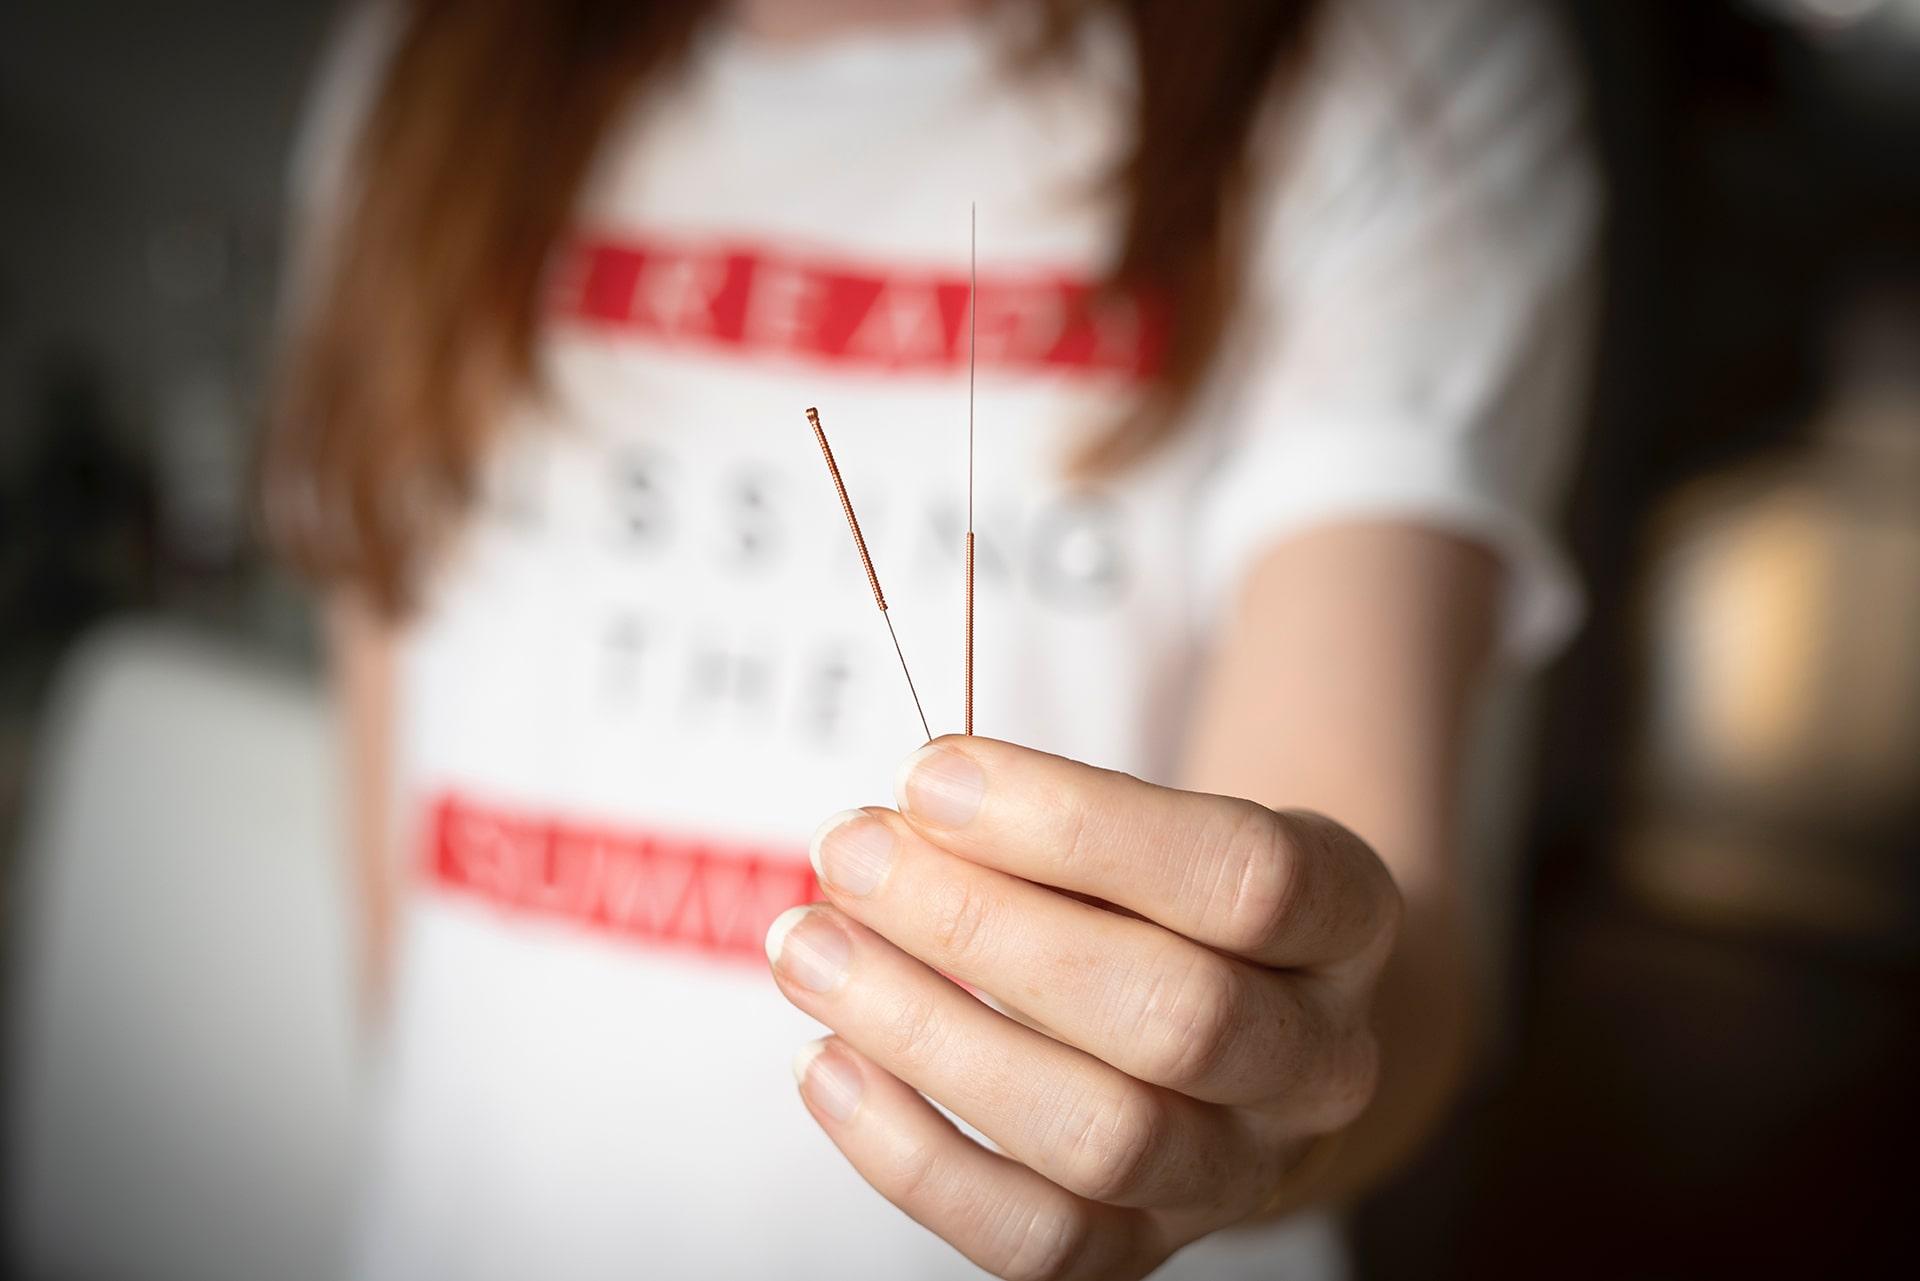 Blog Lifestyle - L'acupuncture, c'est quoi? - Suivre sa Joie - Saskia Parein